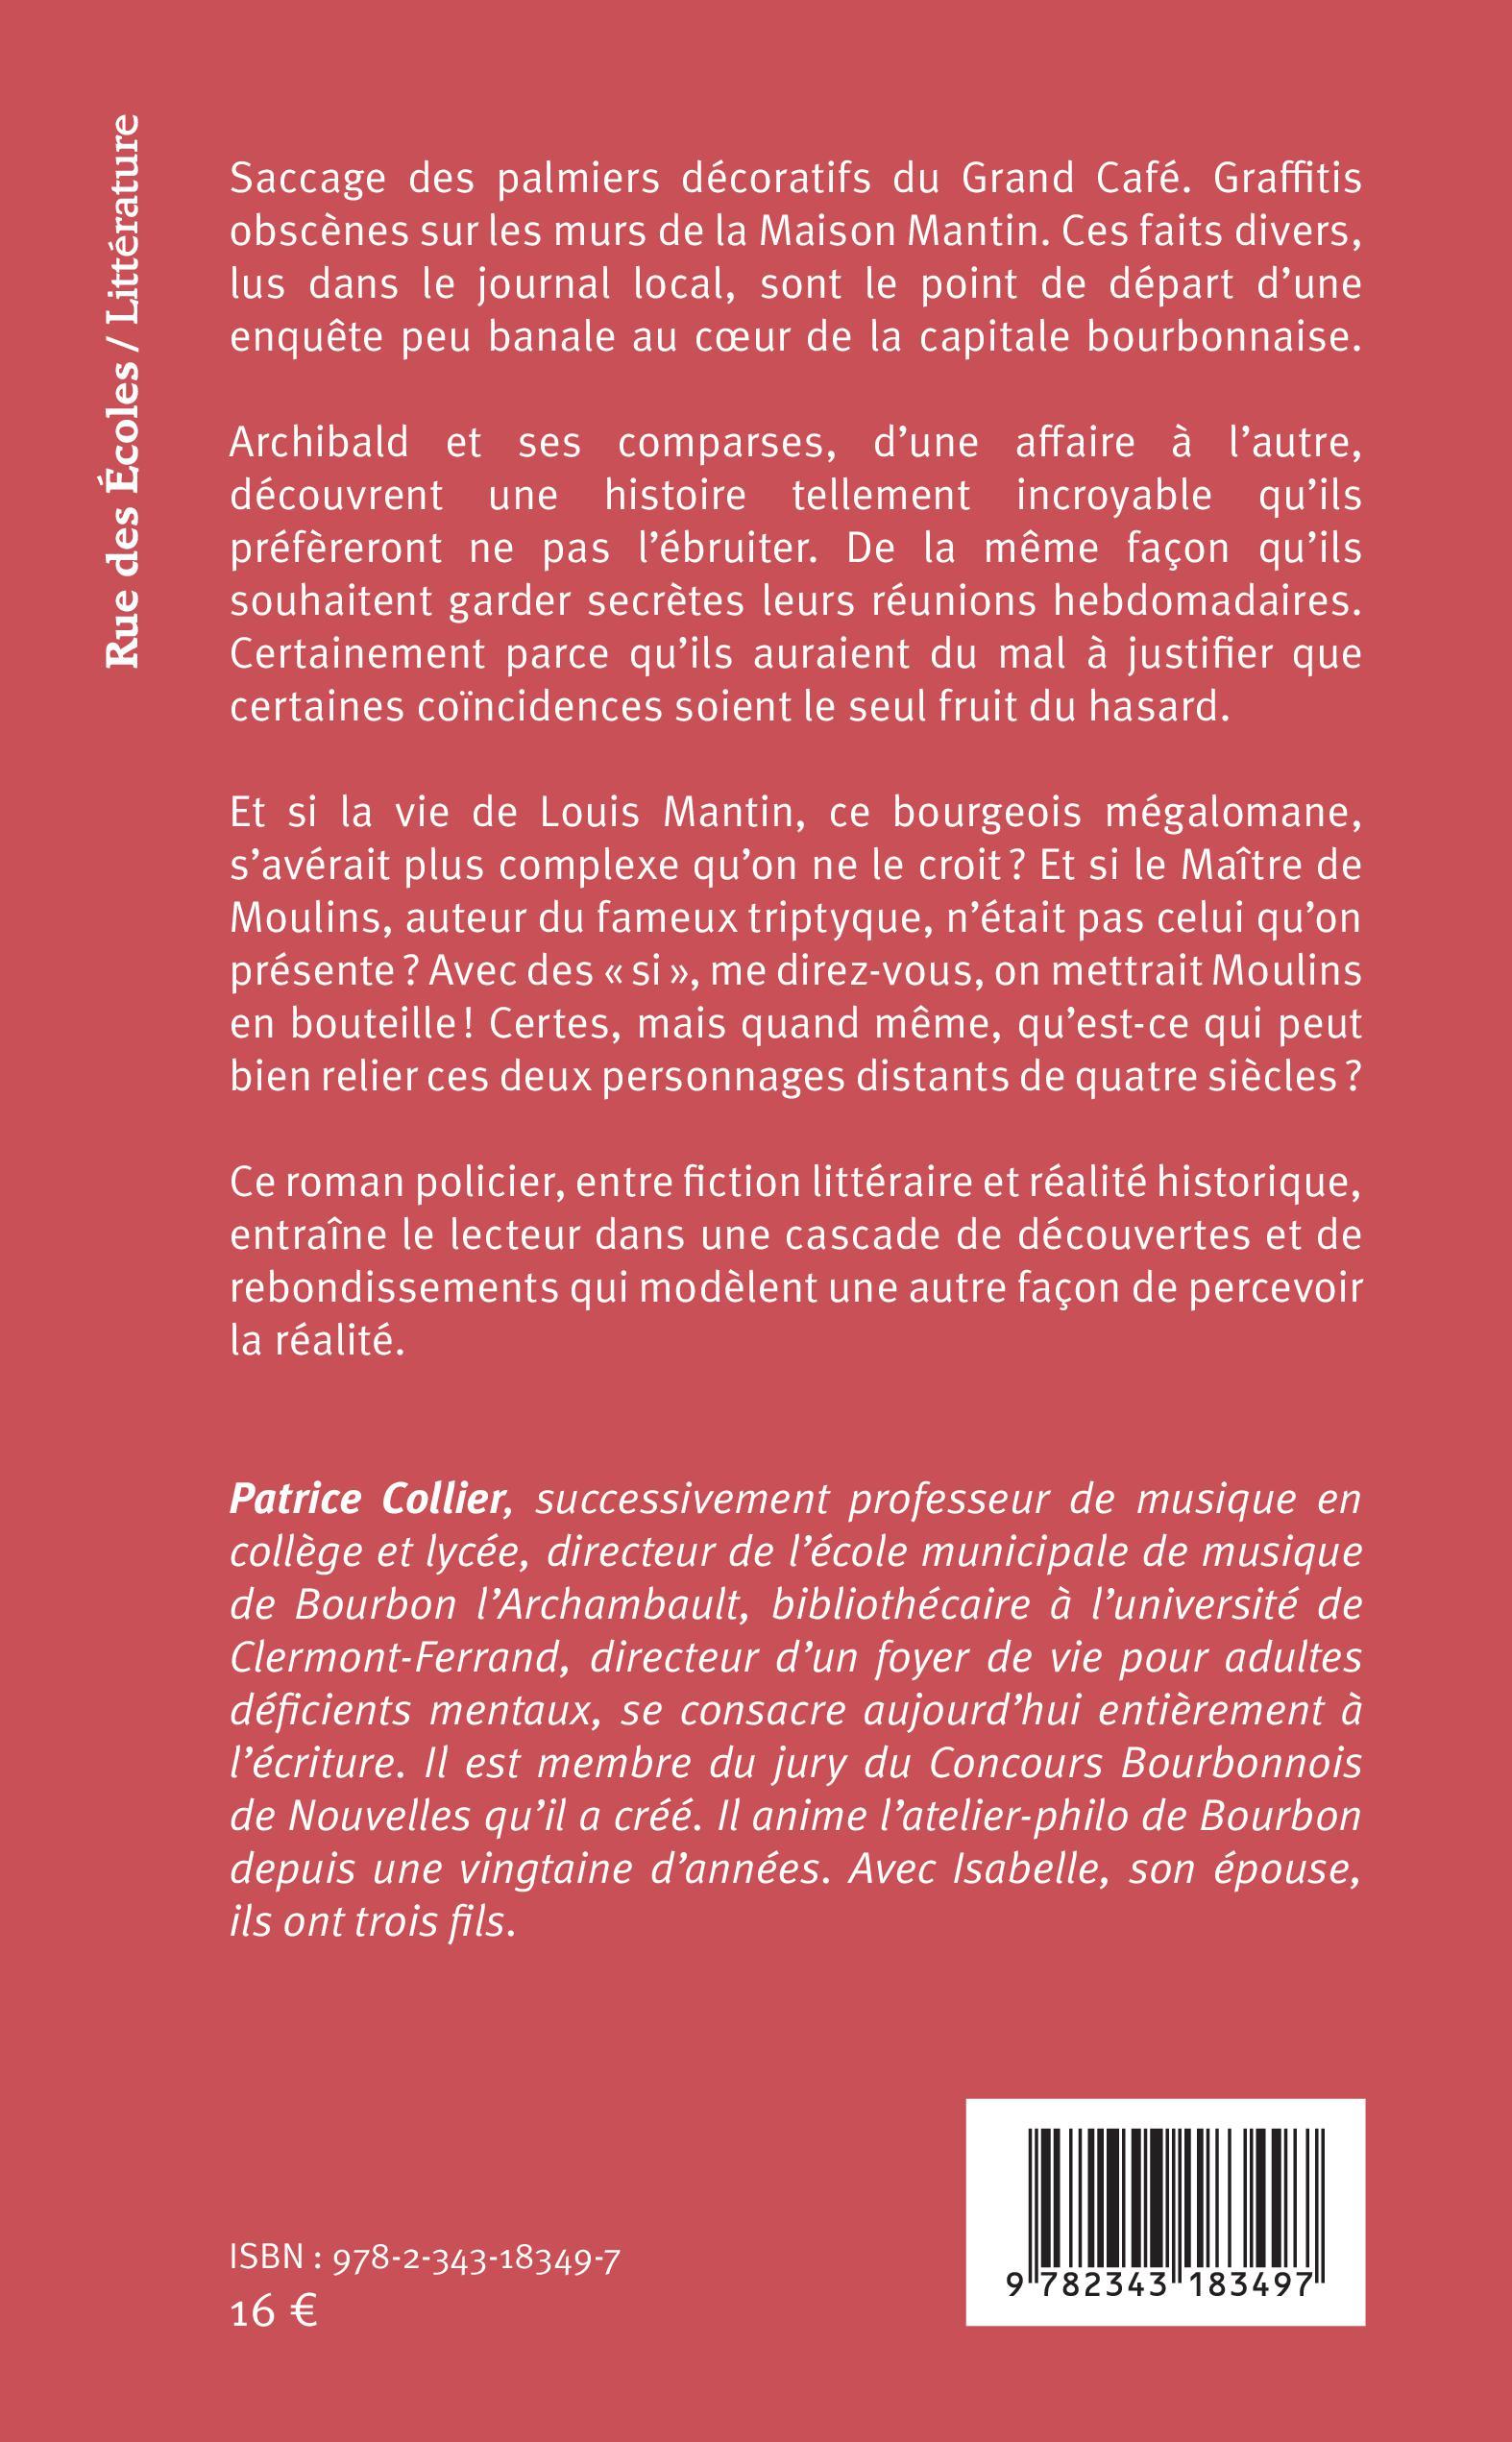 Le Mystere Mantin Roman Policier Patrice Collier Livre Ebook Epub Idee Lecture Ete